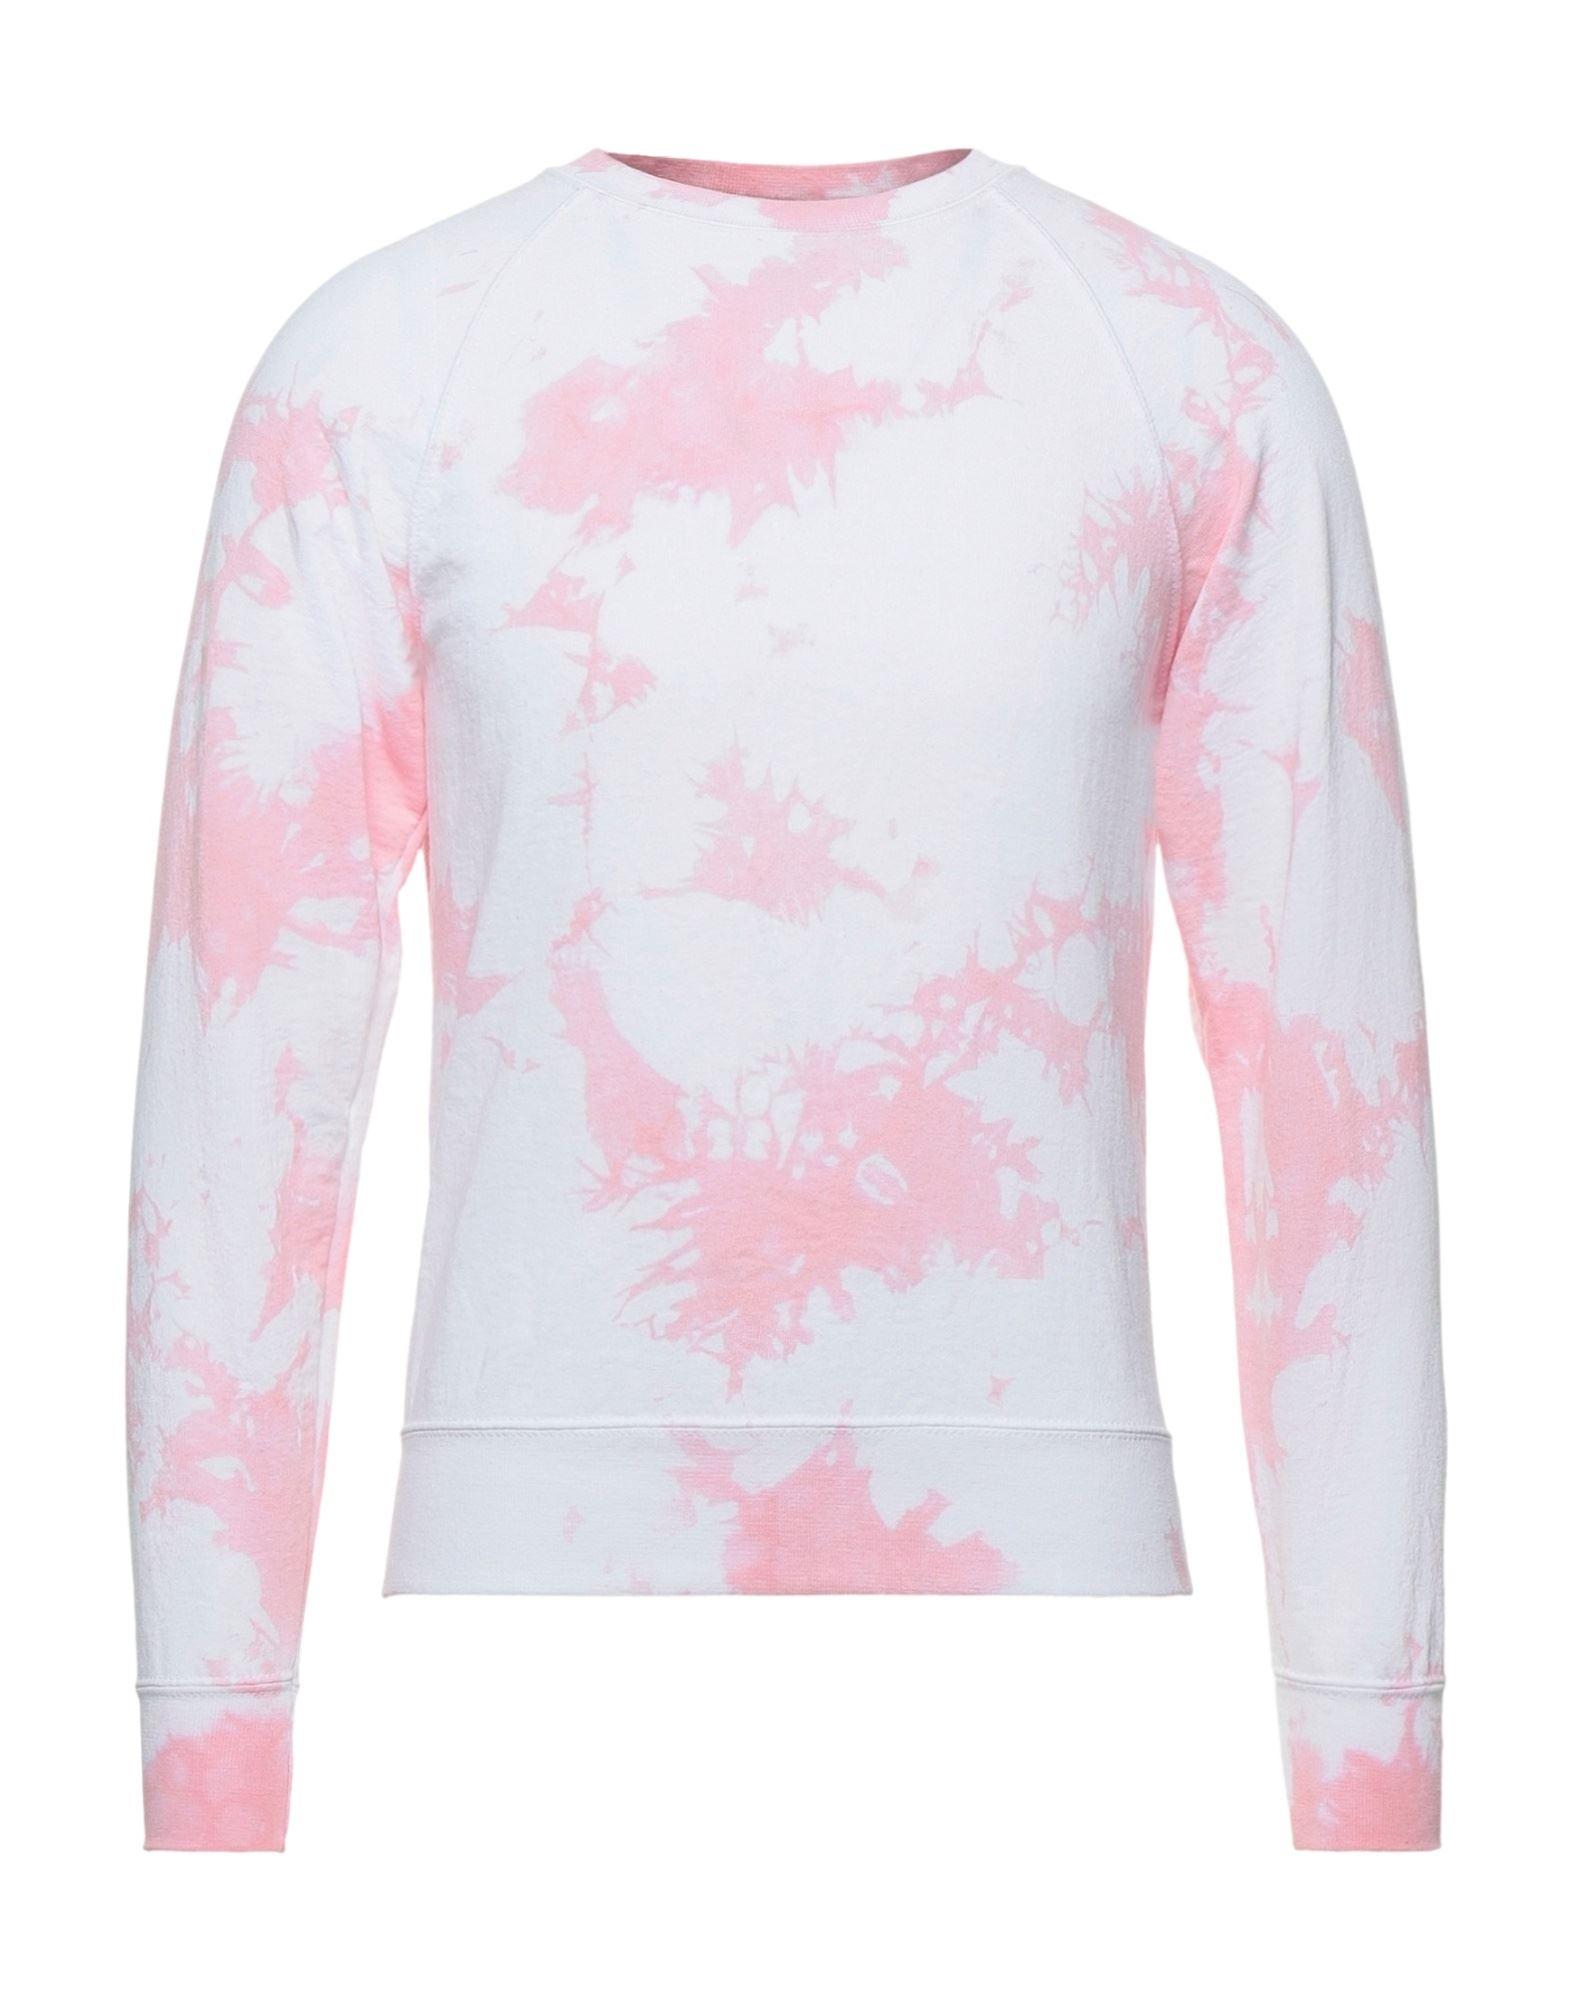 《セール開催中》DANIELE ALESSANDRINI HOMME メンズ スウェットシャツ ピンク S コットン 80% / ポリエステル 20%